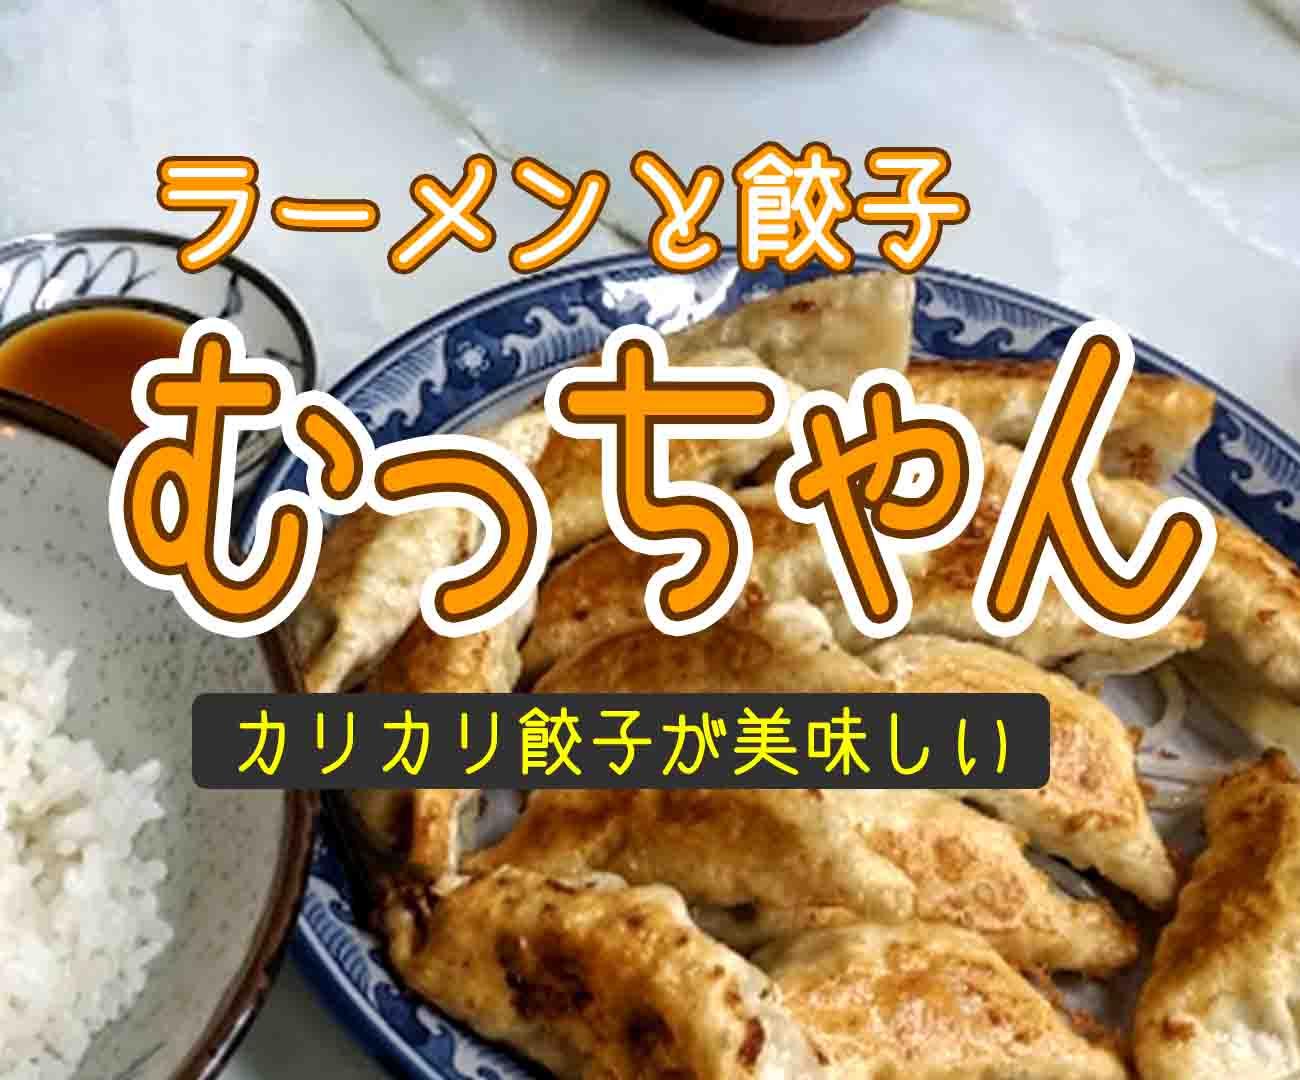 ラーメン餃子むっちゃん